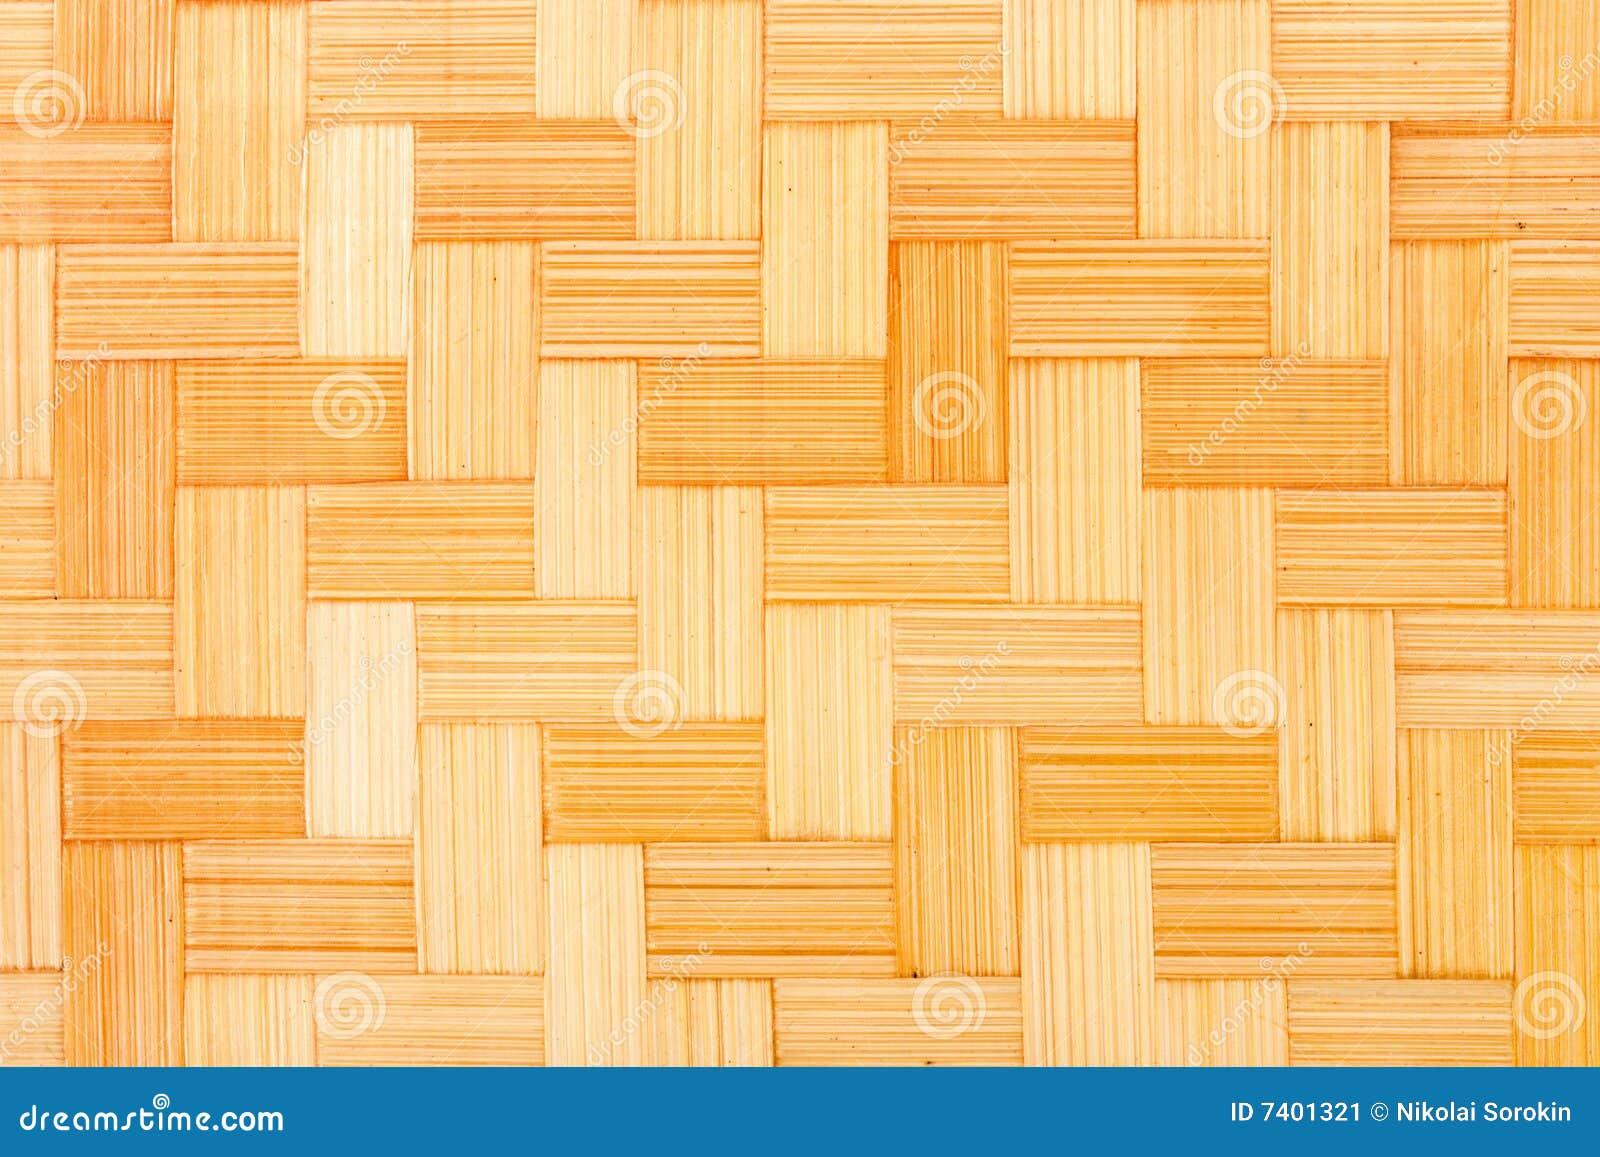 背景柳条木头